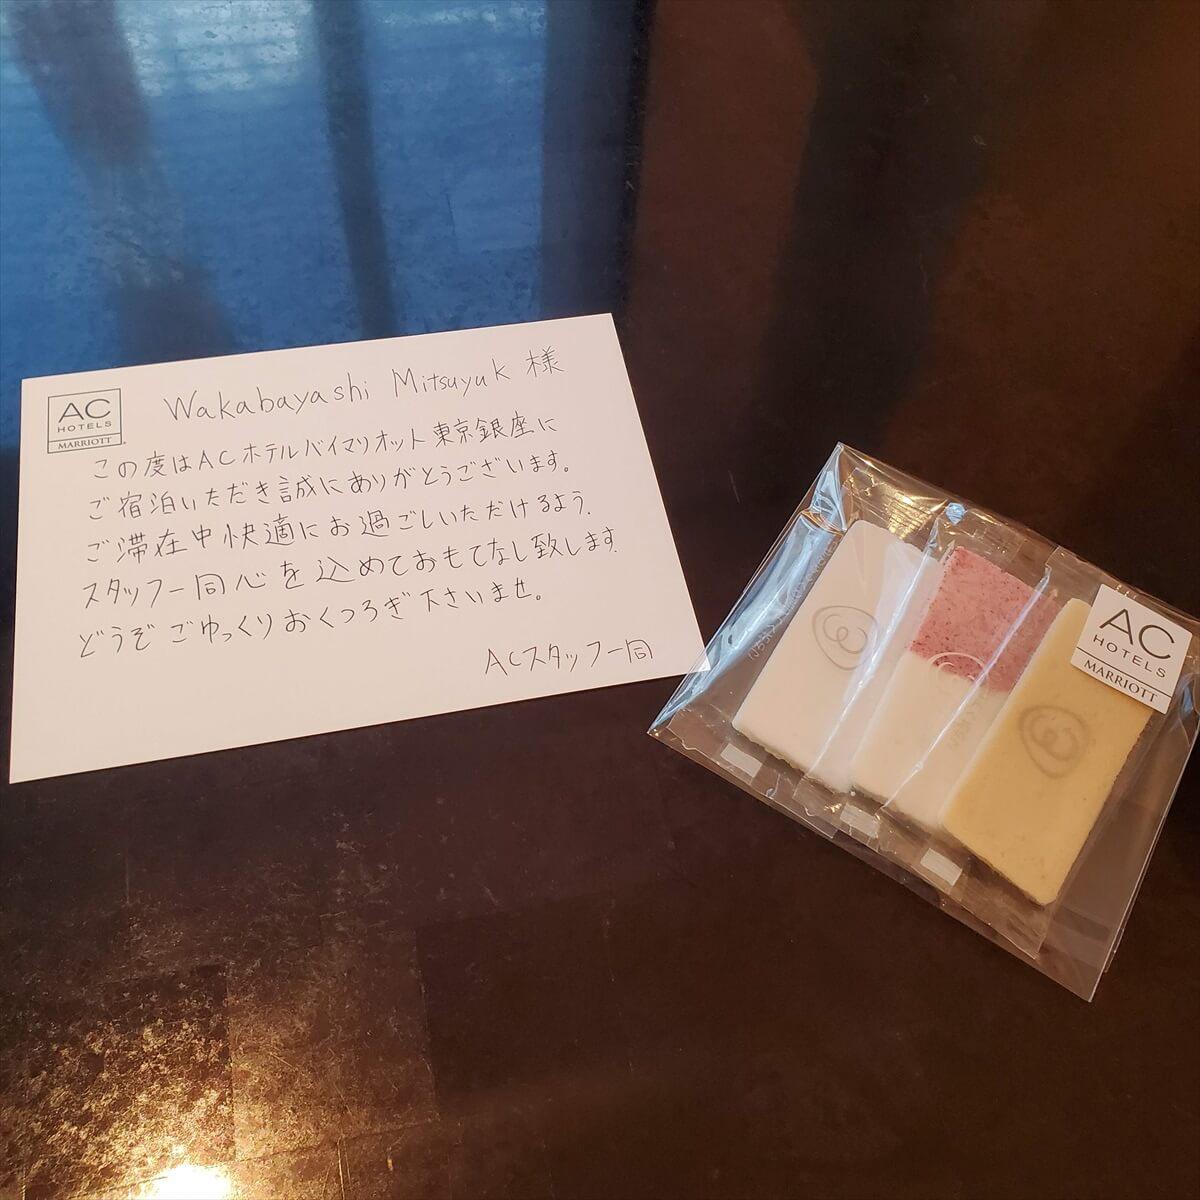 ACホテル銀座のウェルカムメッセージカードとお菓子